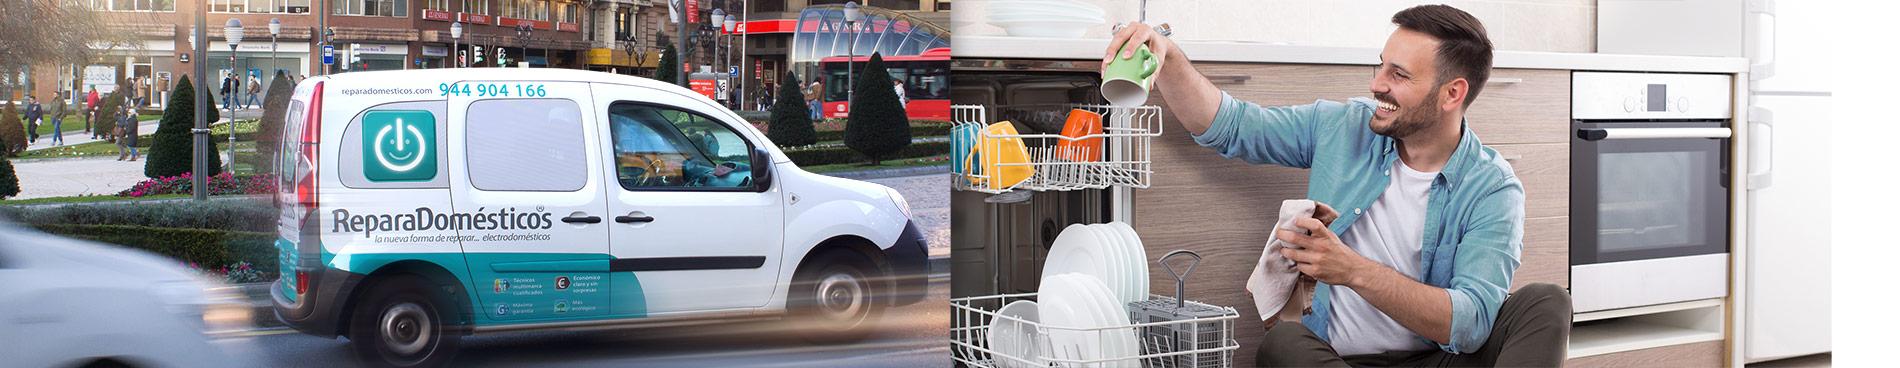 Reparadom sticos servicio t cnico reparaci n lavavajillas for Servicio tecnico philips bilbao